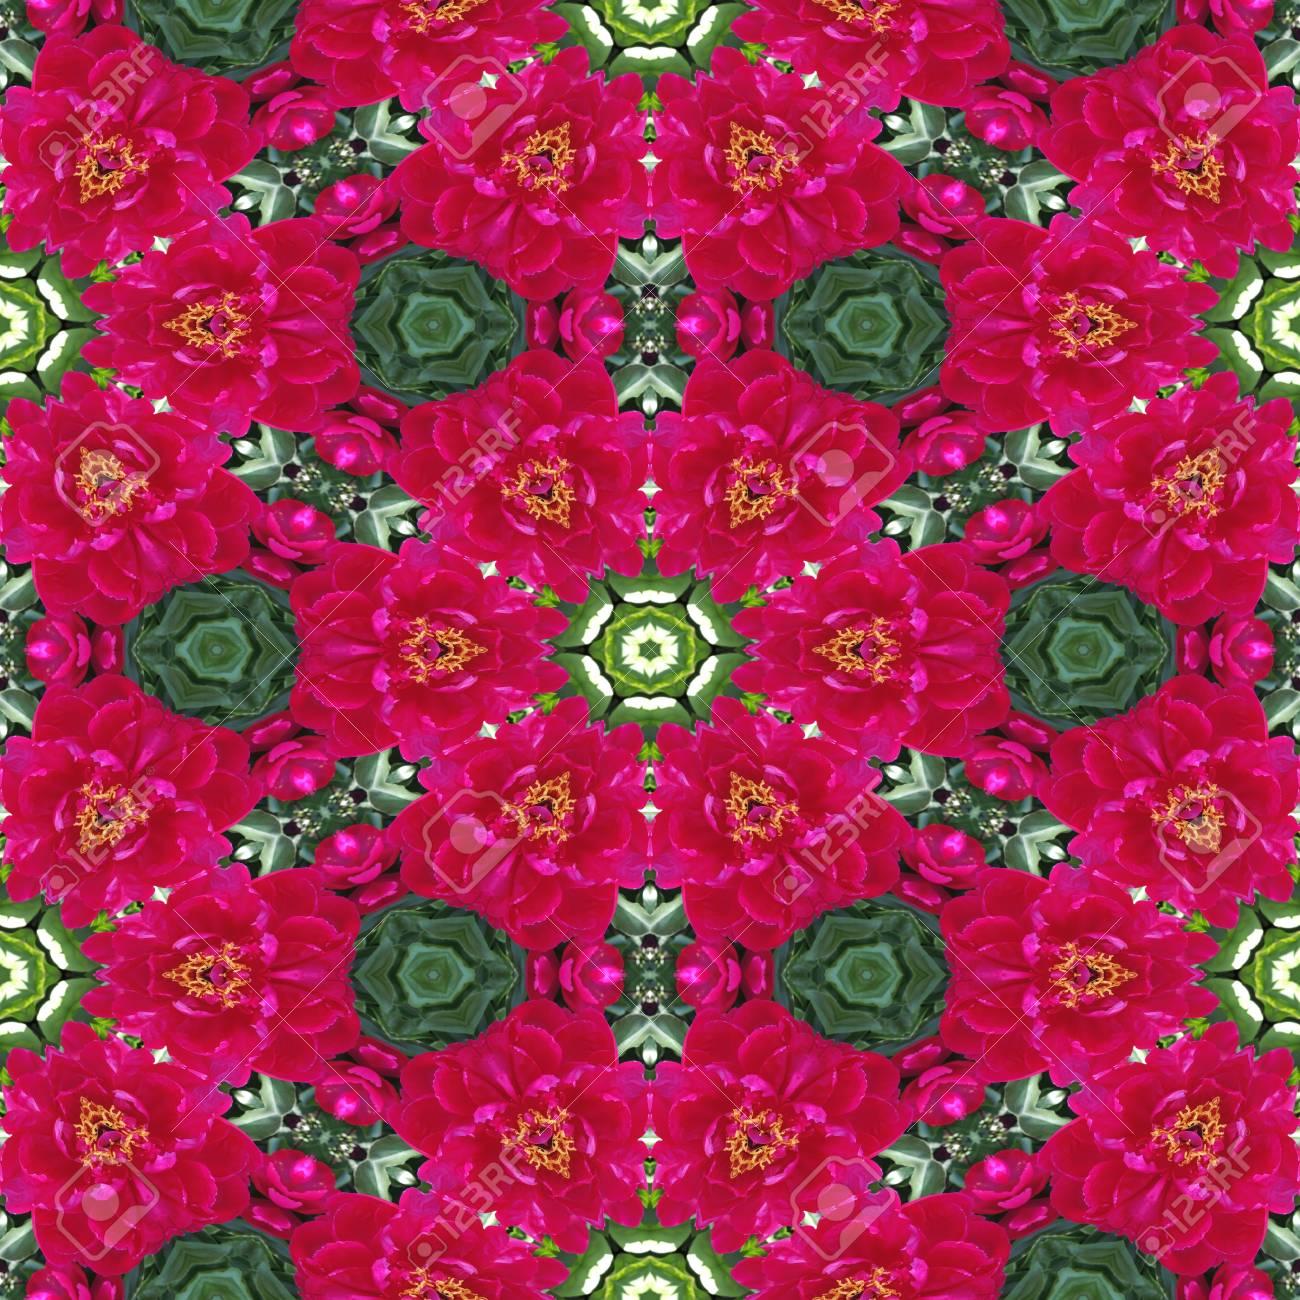 Grun Und Rosa Pfingstrose Blume Nahtlose Mosaik Fliesen Textur